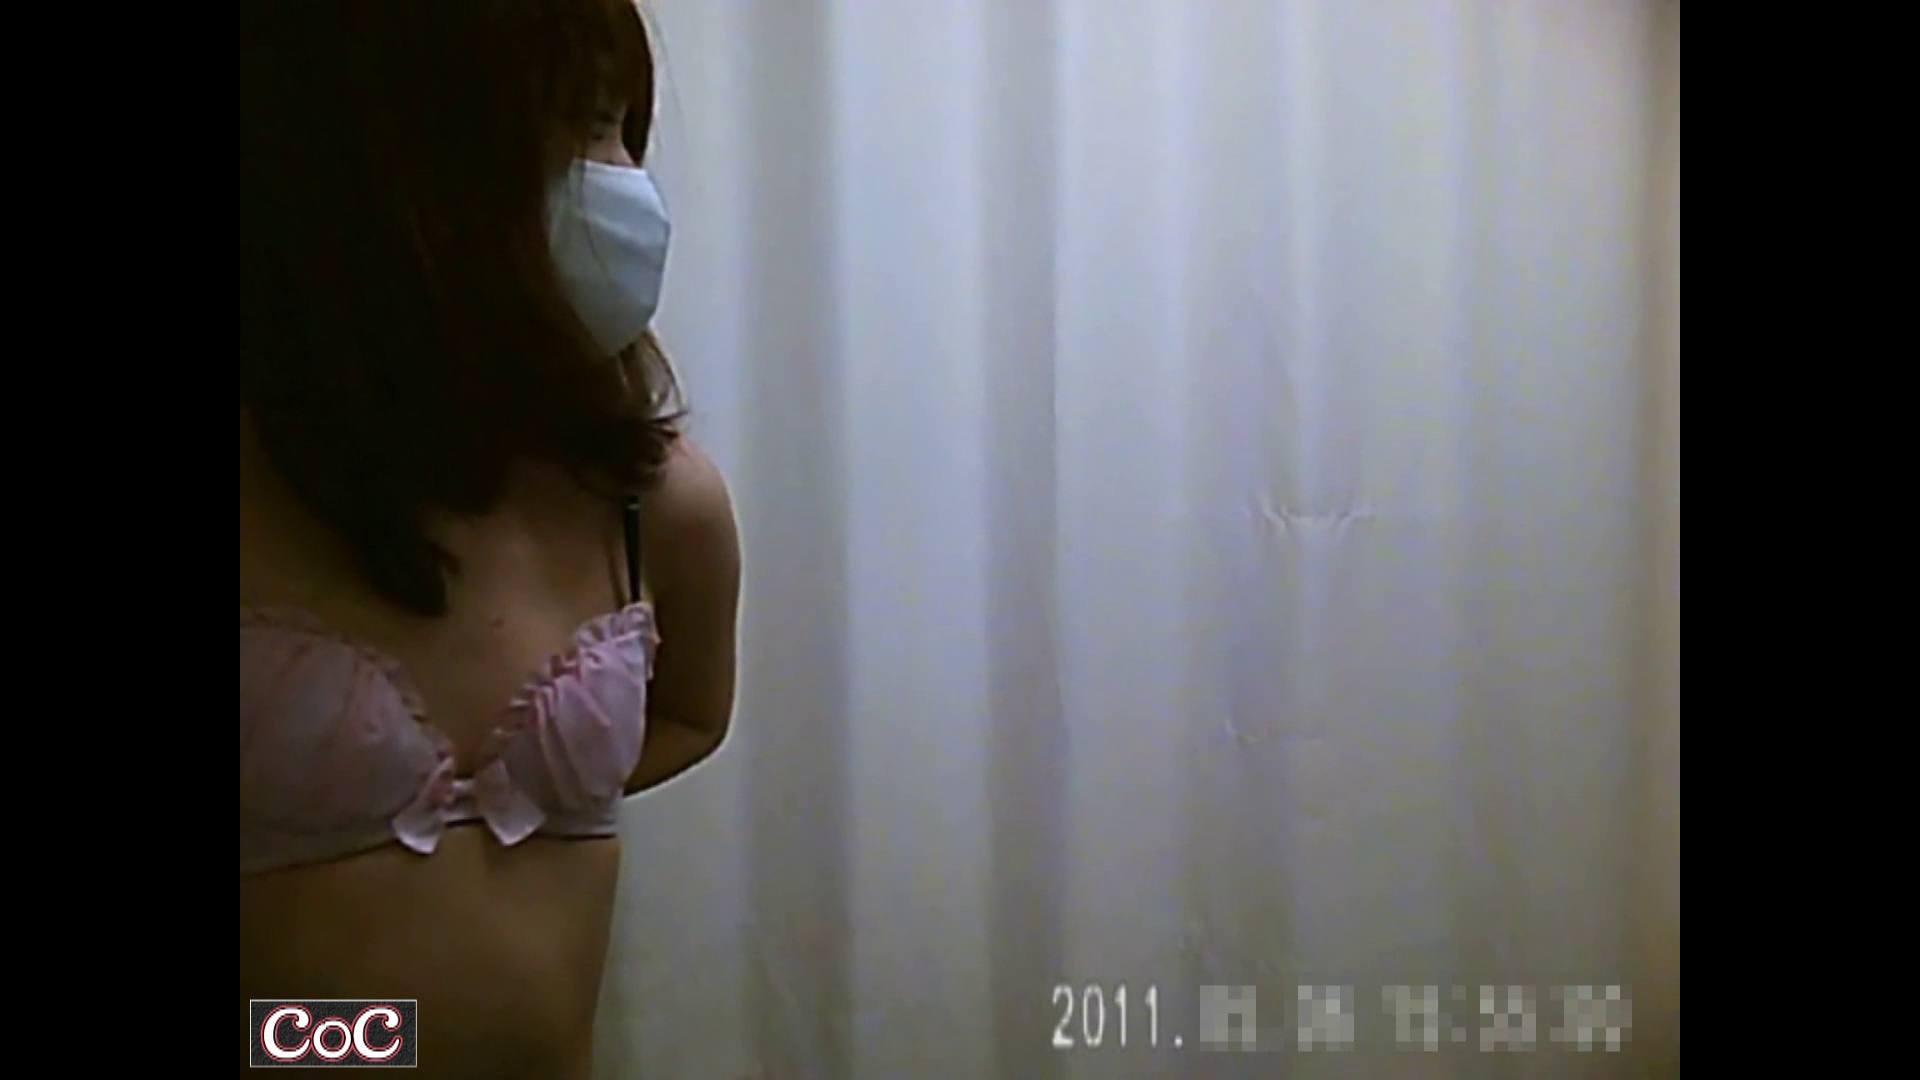 元医者による反抗 更衣室地獄絵巻 vol.167 OL  59pic 18